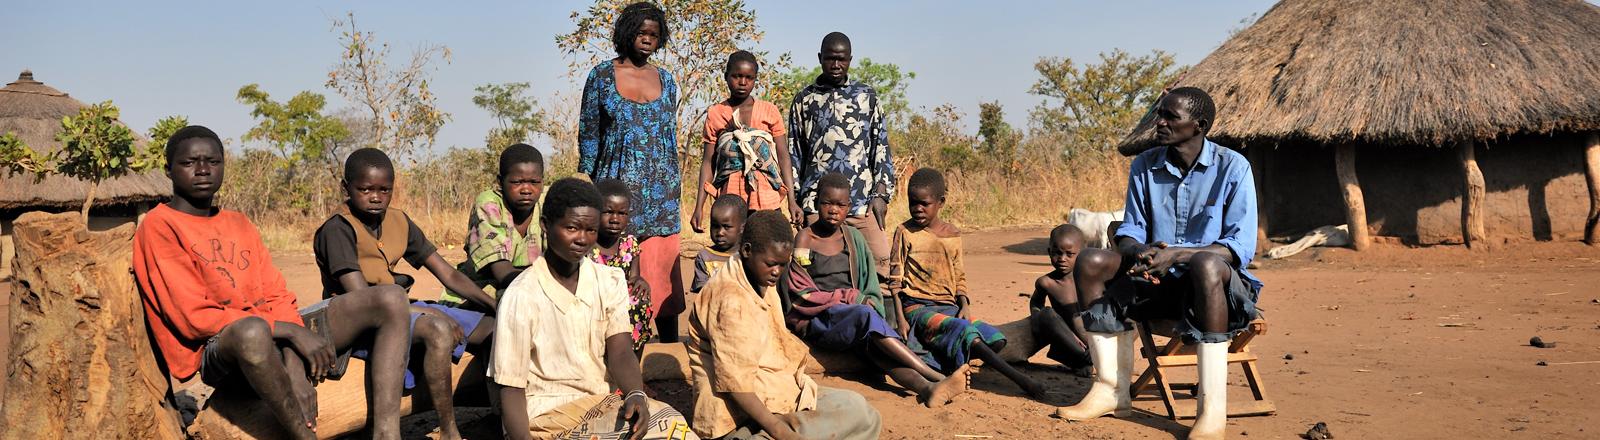 Der Bauer Ociti Augustino Languna (rechts) sitzt am 18.01.2012 mit seiner Familie vor seiner Hütte an Rande von Kitgum in Norduganda. 15 seiner 24 Kinder leiden am Kopfnicken-Syndrom. Das Syndrom ist eine neue, unbekannte Krankheit, die das erste Mal in den 80er Jahren im Sudan aufgetreten ist. Erkrankte sind mental und physisch stark eingeschränkt, wobei nur Kinder zwischen fünf und 15 Jahren betroffen sind.